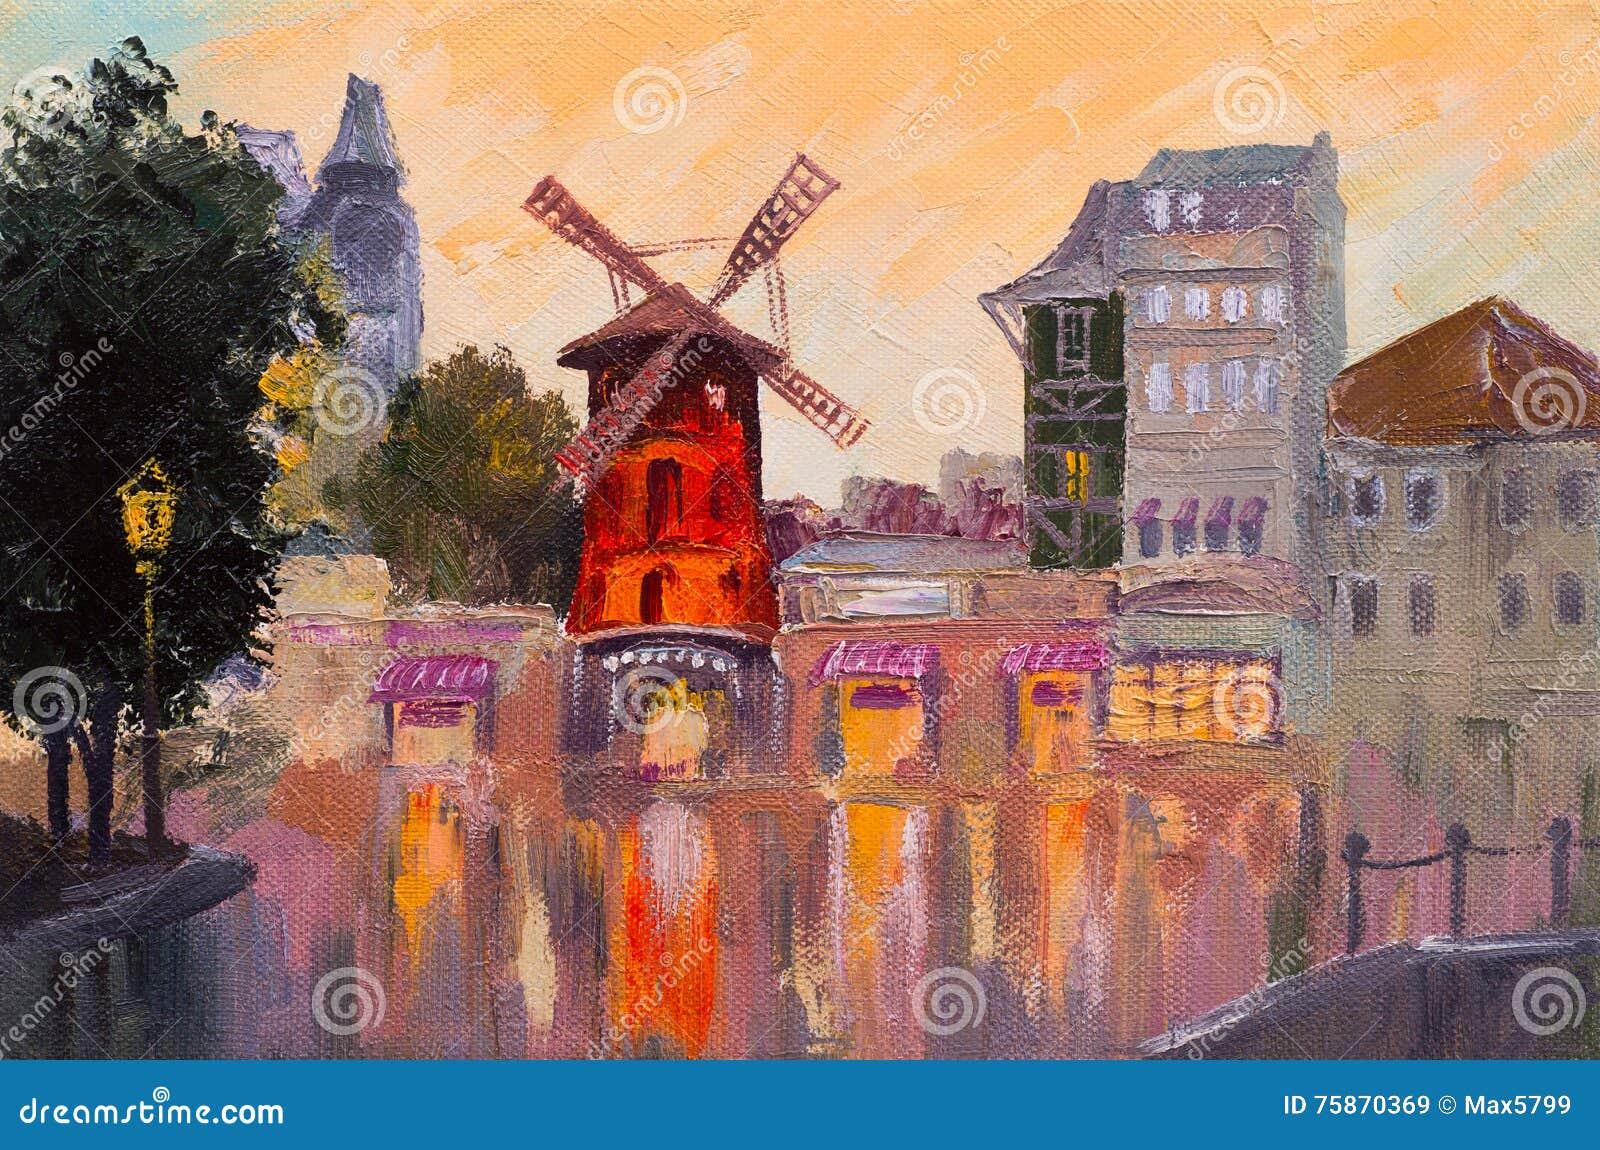 Paesaggio urbano della pittura a olio - Moulin Rouge, Parigi, Francia colorful